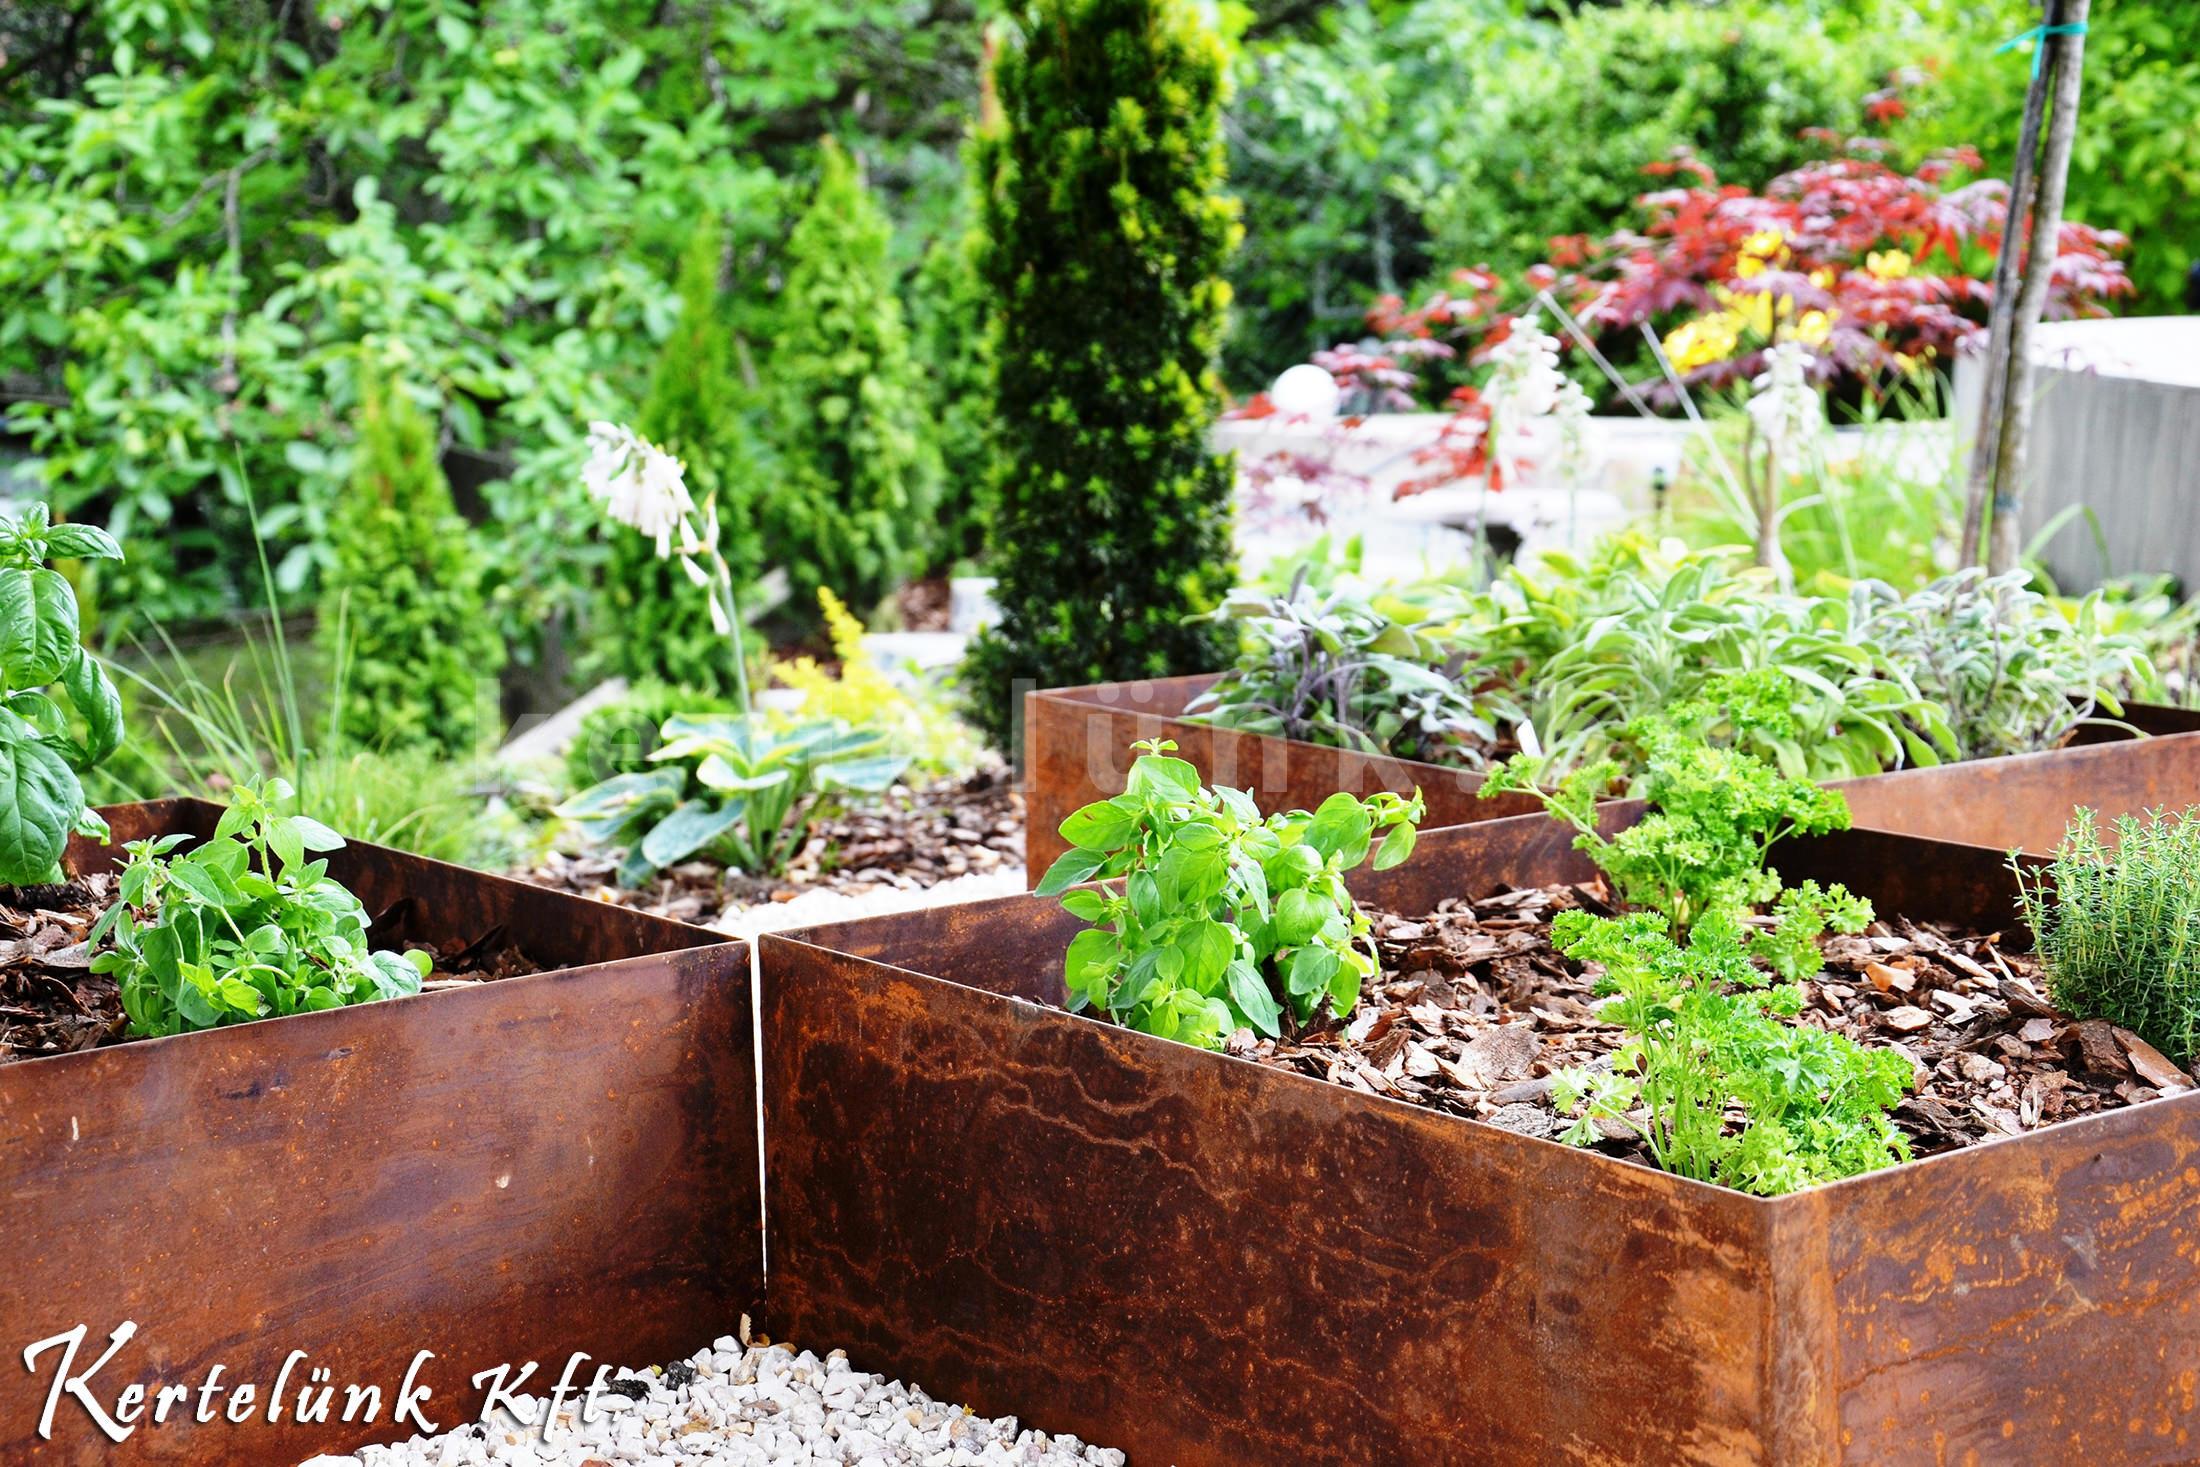 Modern kert részlet: nemesrozsda edények és fenyőmulcs.